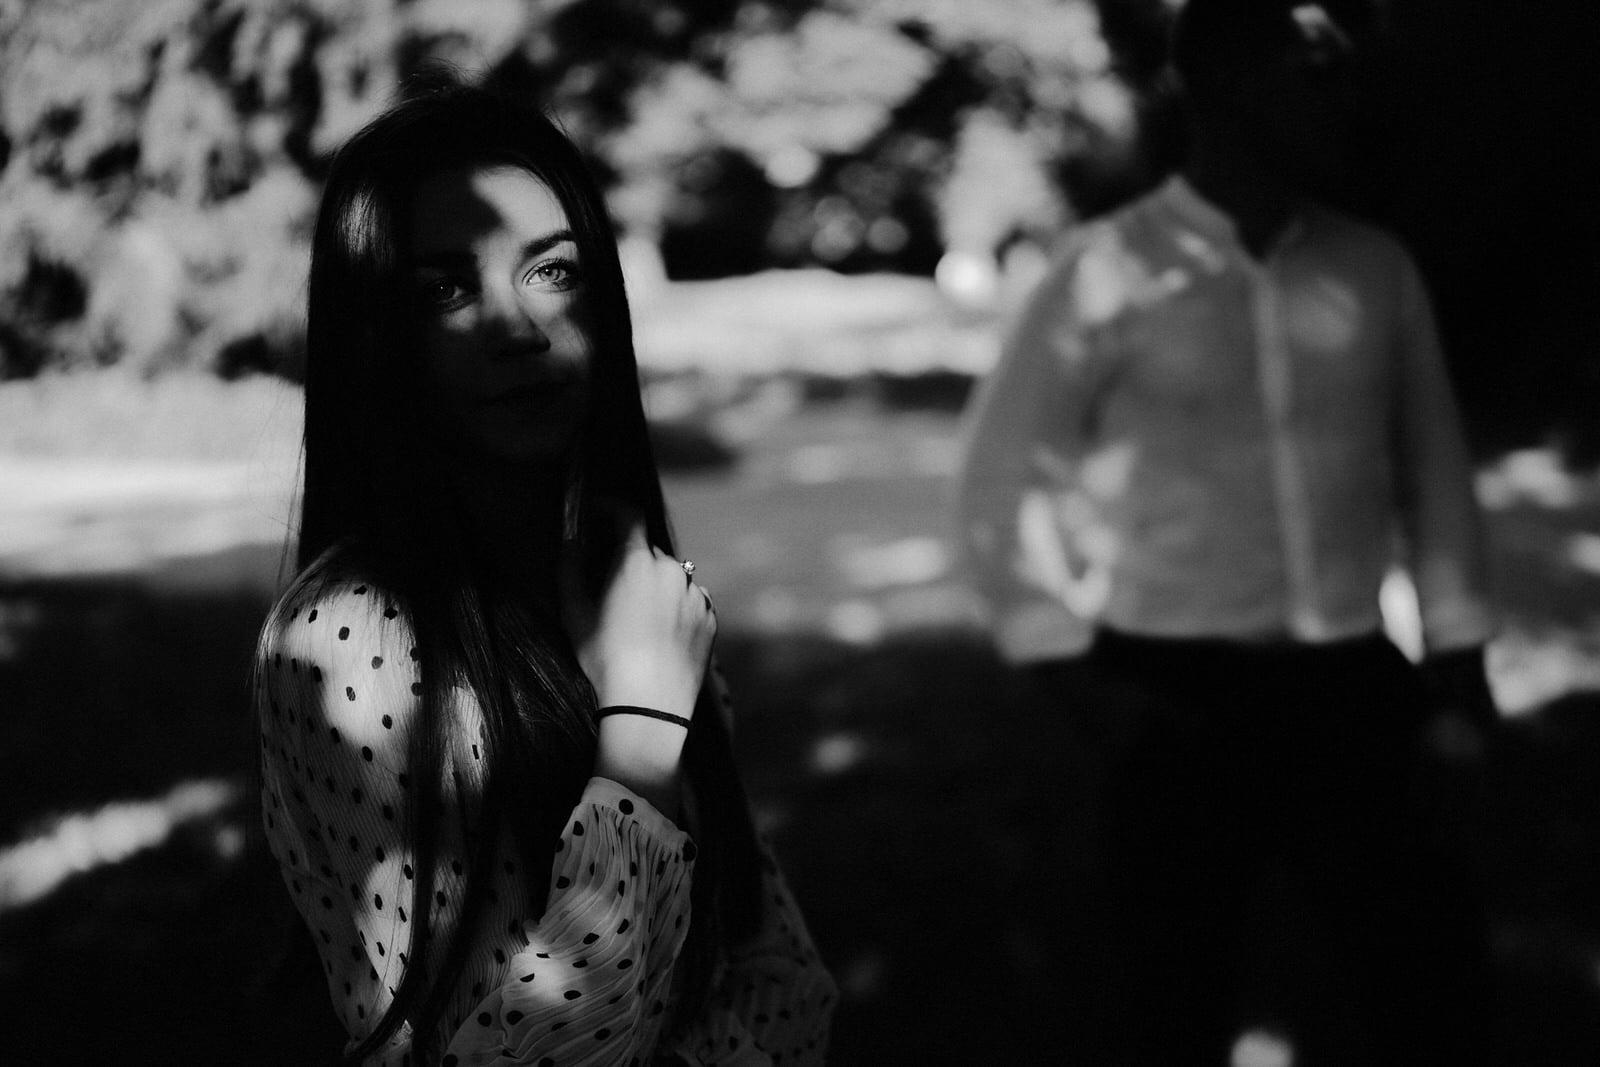 czarno białe zdjęcie portretowe